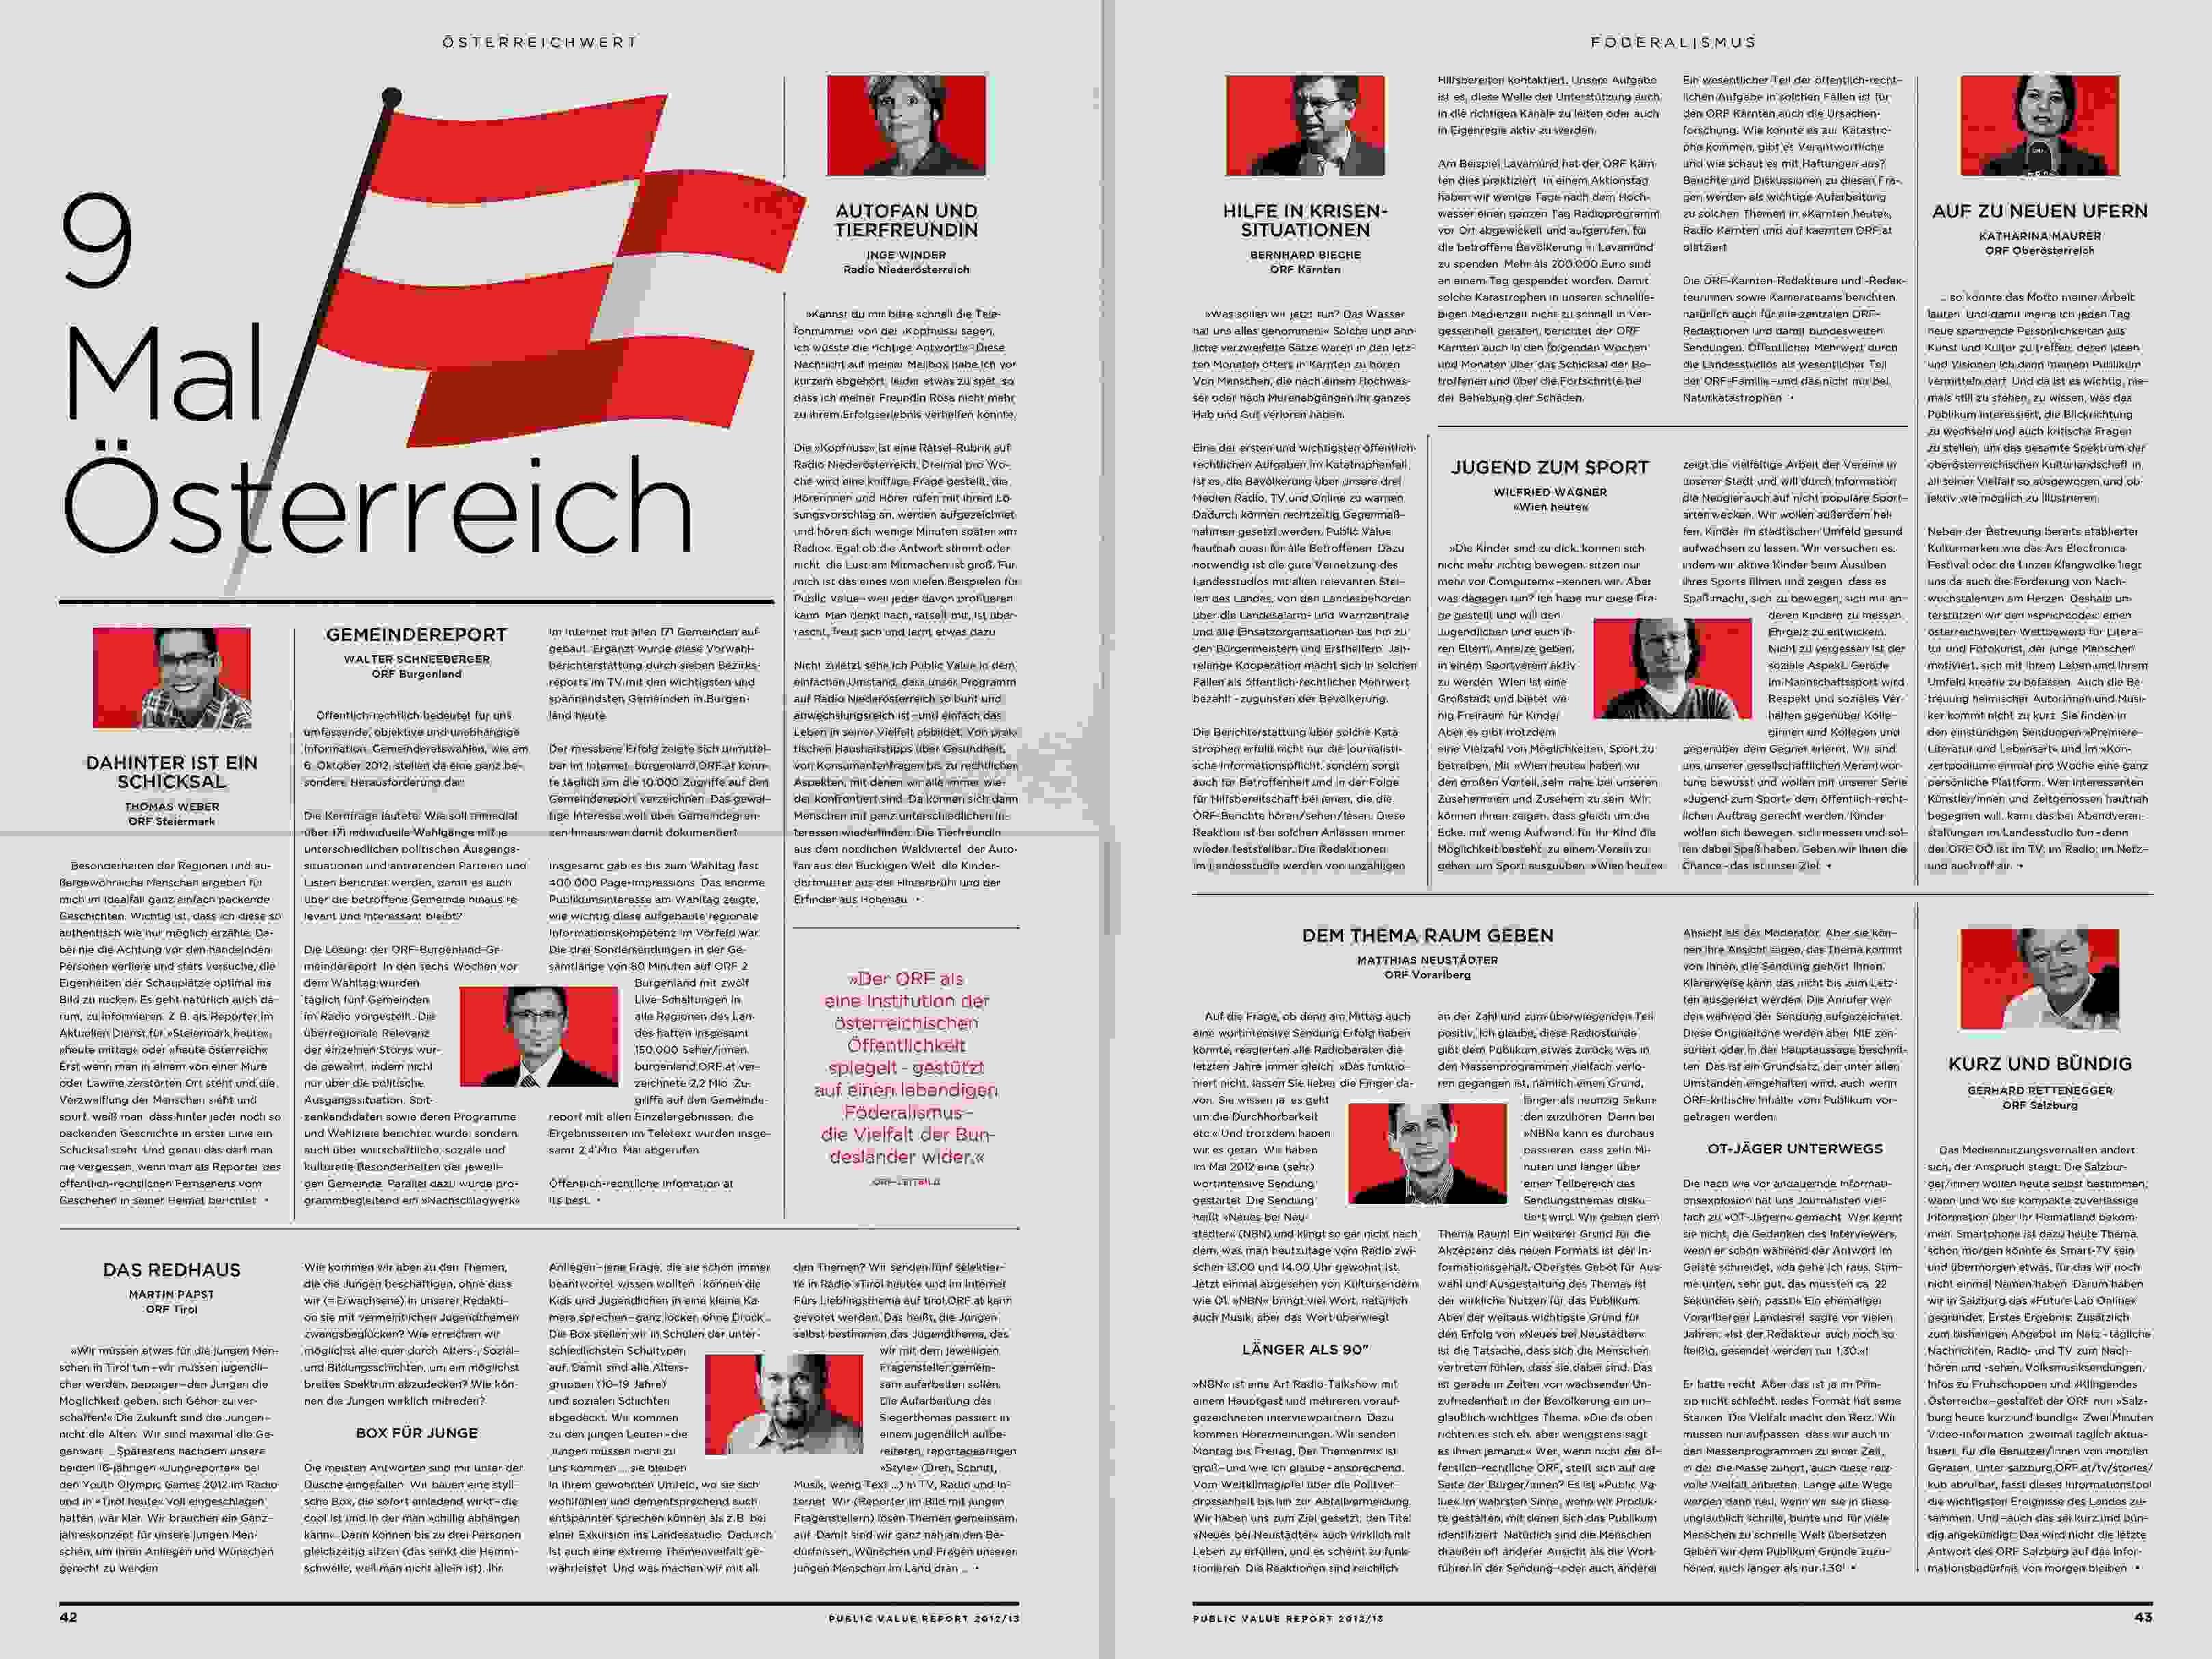 ORF PV 13 flat Dummy Zeitung Doppelseite 13